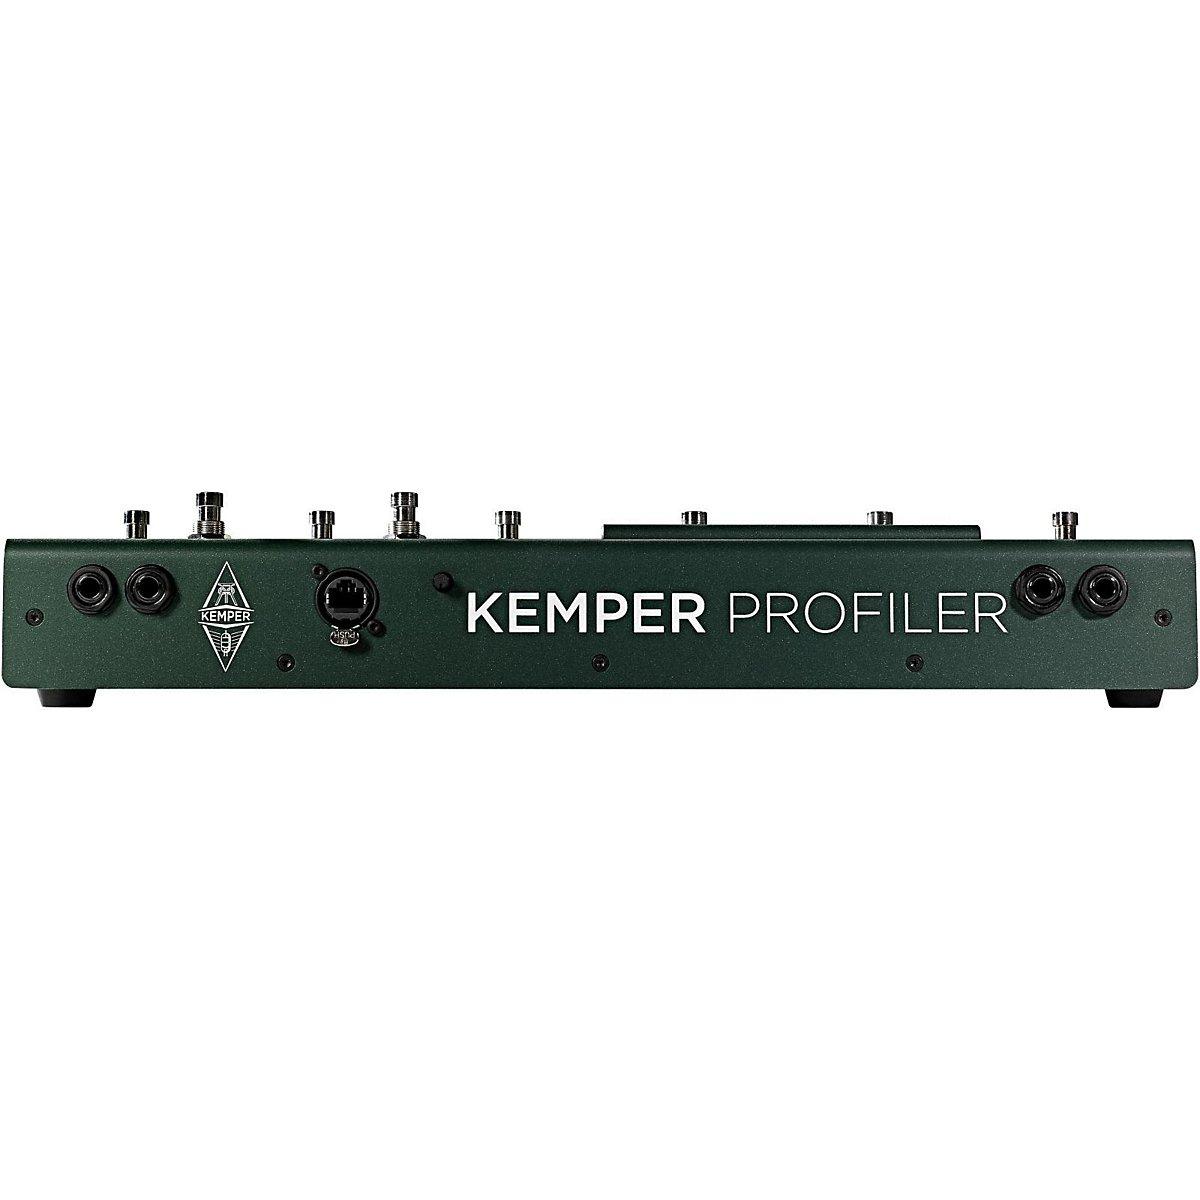 Kemper Profiler Head Classic claro + controlador Kemper Profiler ...